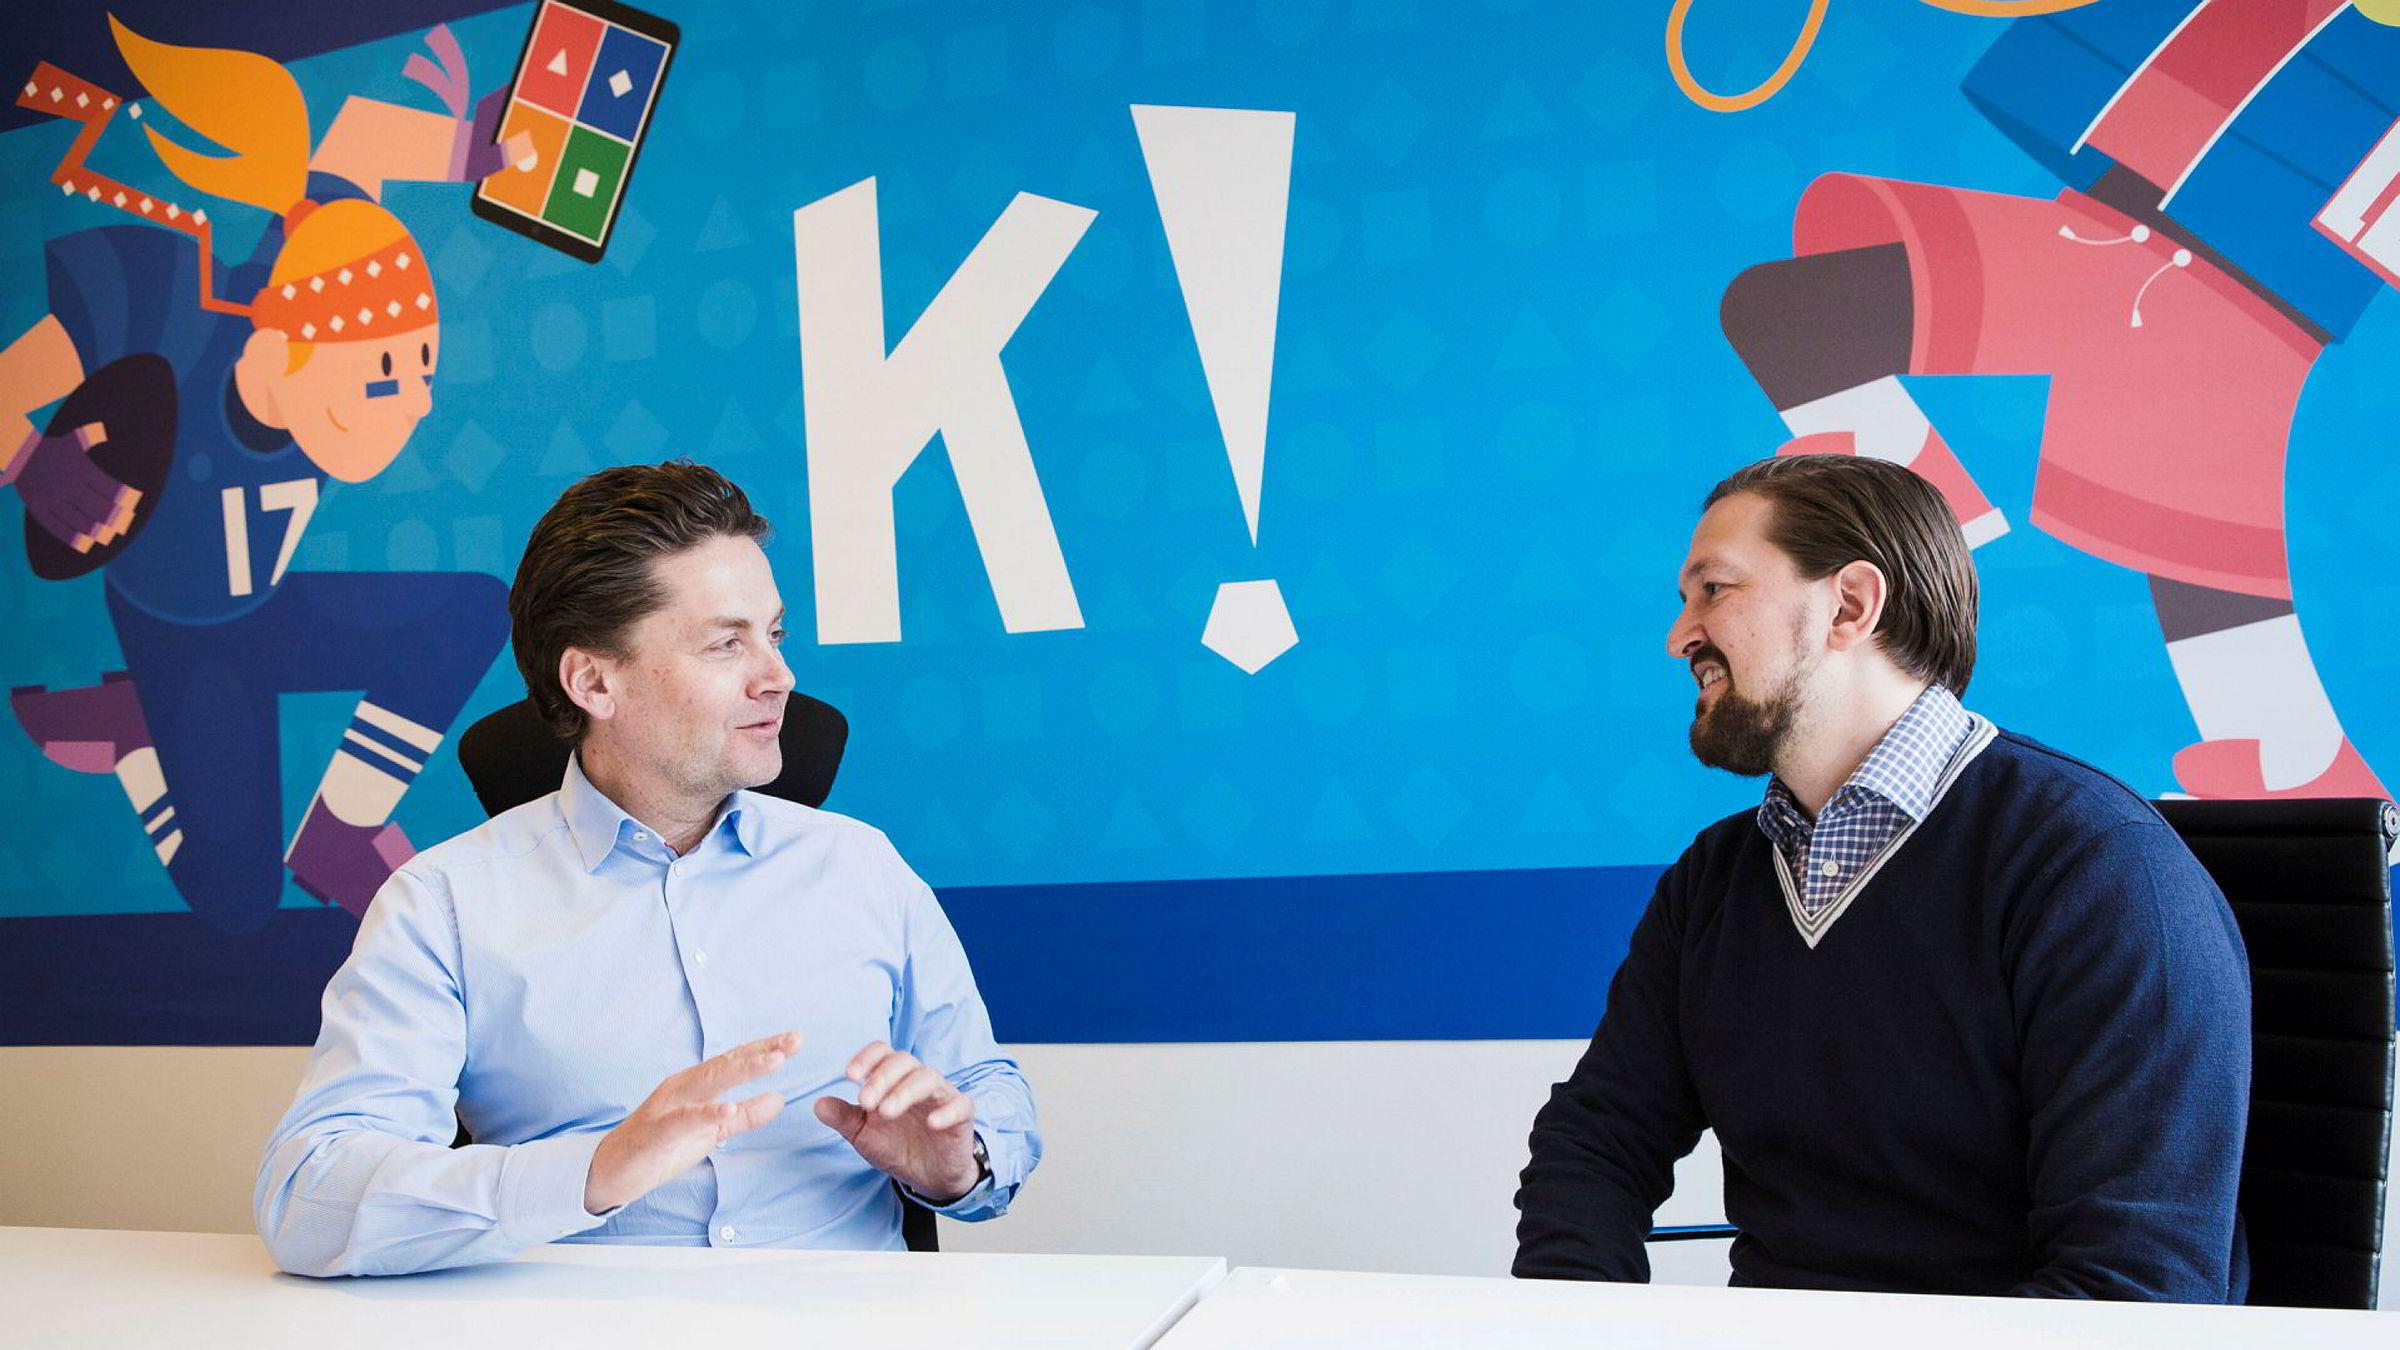 Eilert Hanoa (til venstre) overtar som Kahoot-sjef 1. desember, her fotografert sammen med tidligere administrerende direktør Åsmund Furuseth, som nå går over i rollen som produktsjef.